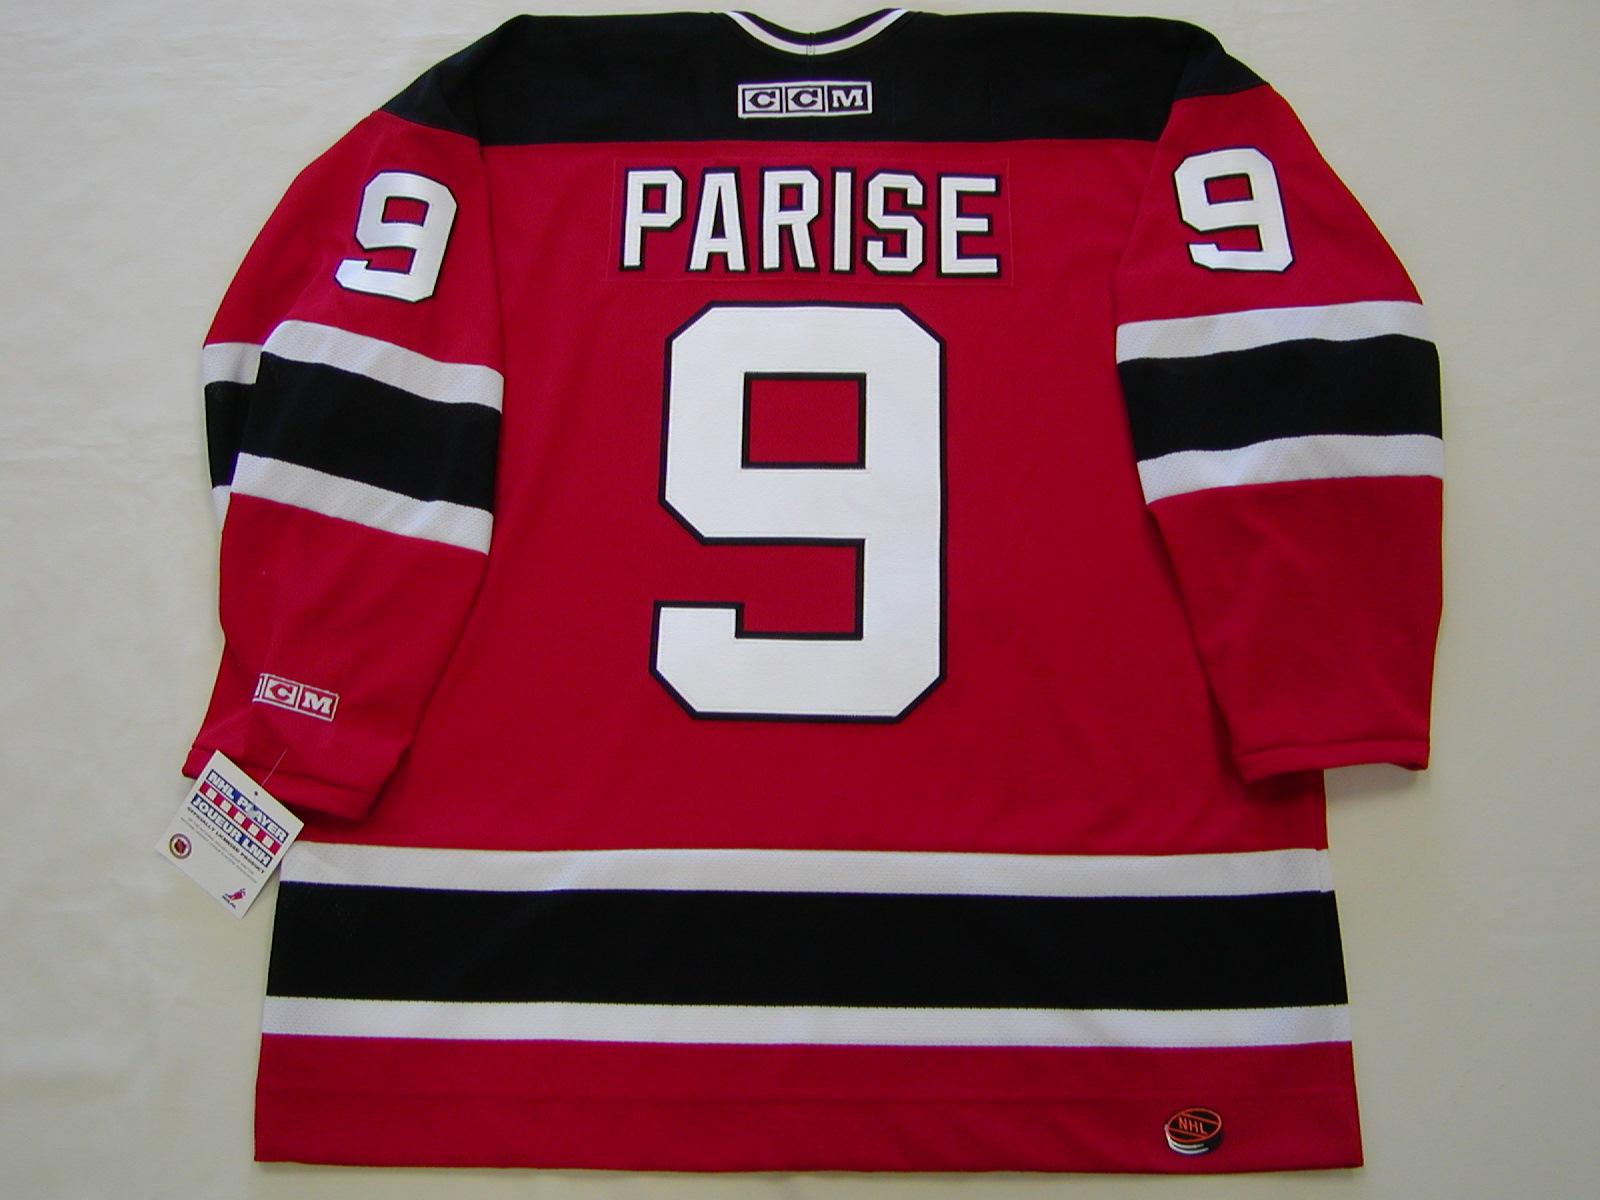 NJ Devils - PARISE 9